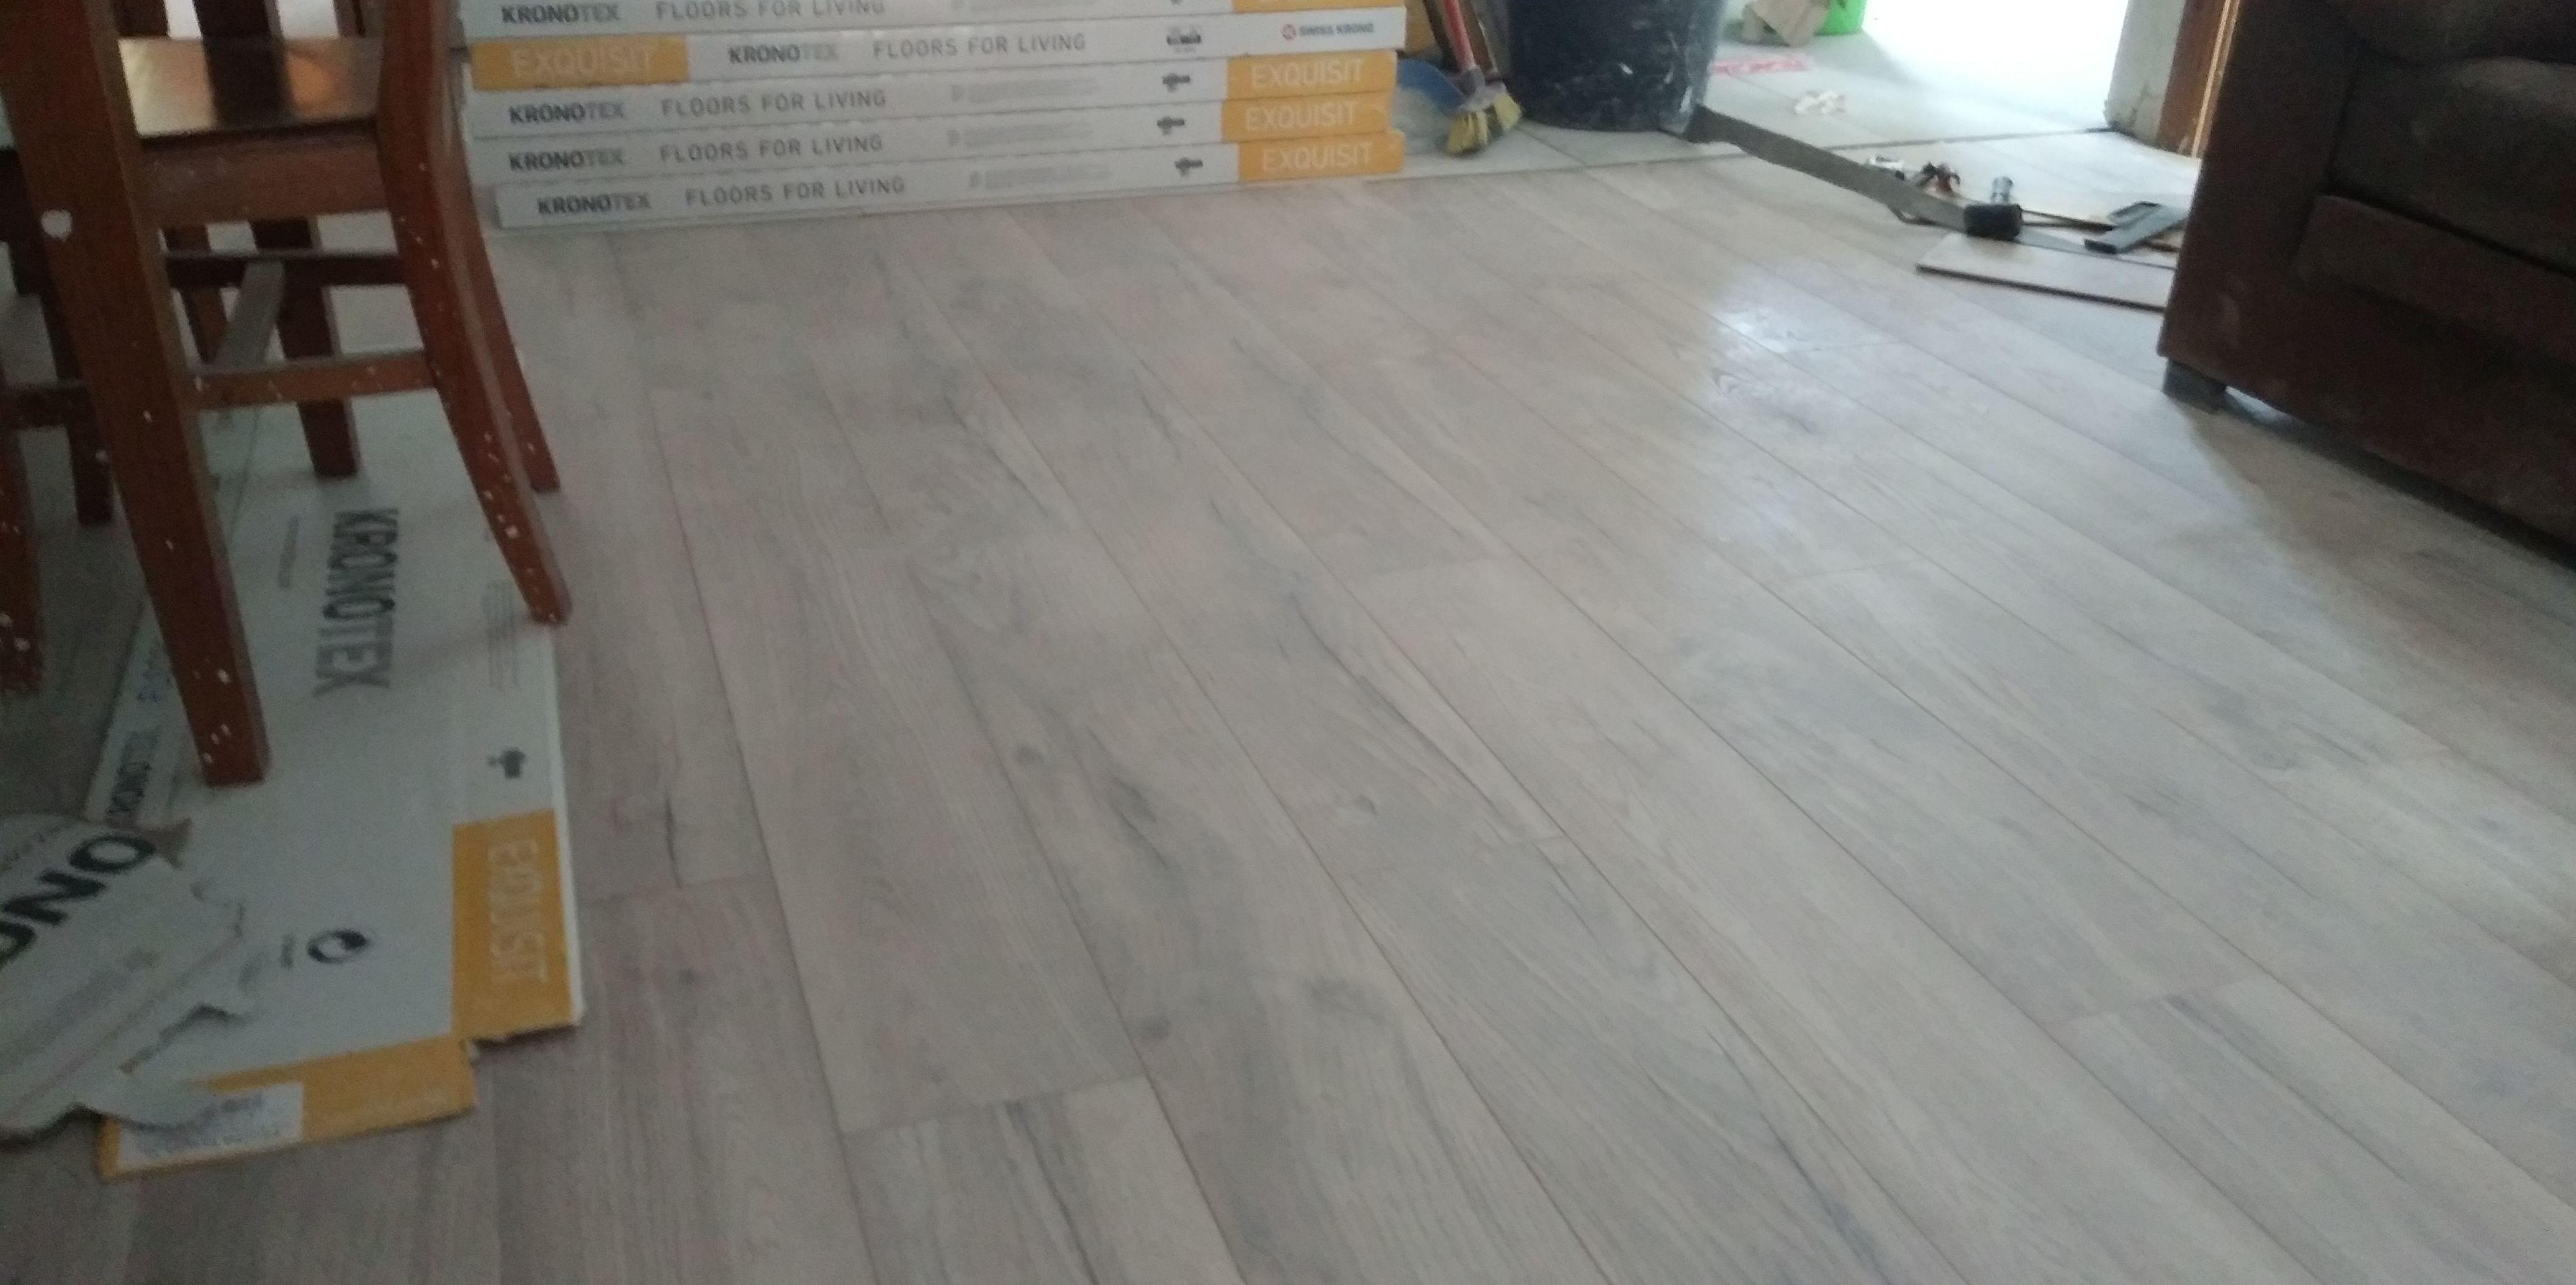 Instalando un suelo laminado de la serie EXQUISIT DE KRONOTEX en Estepona (Málaga). Instalador de tarimas flotantes y suelos laminados en Estepona